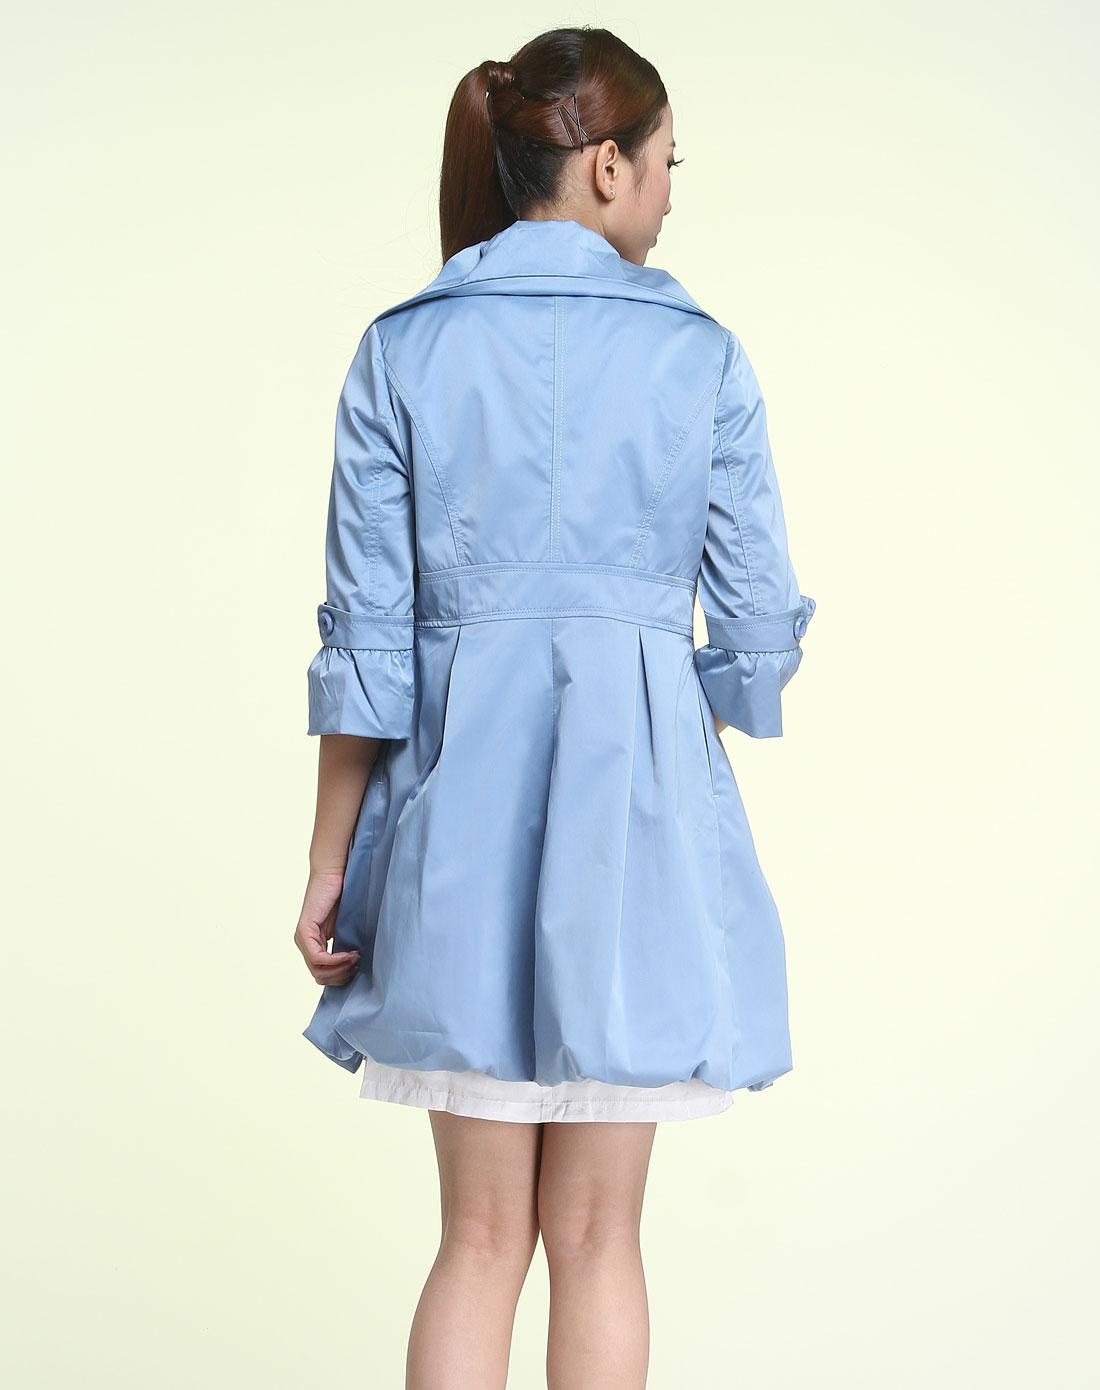 浅蓝色时尚长袖风衣